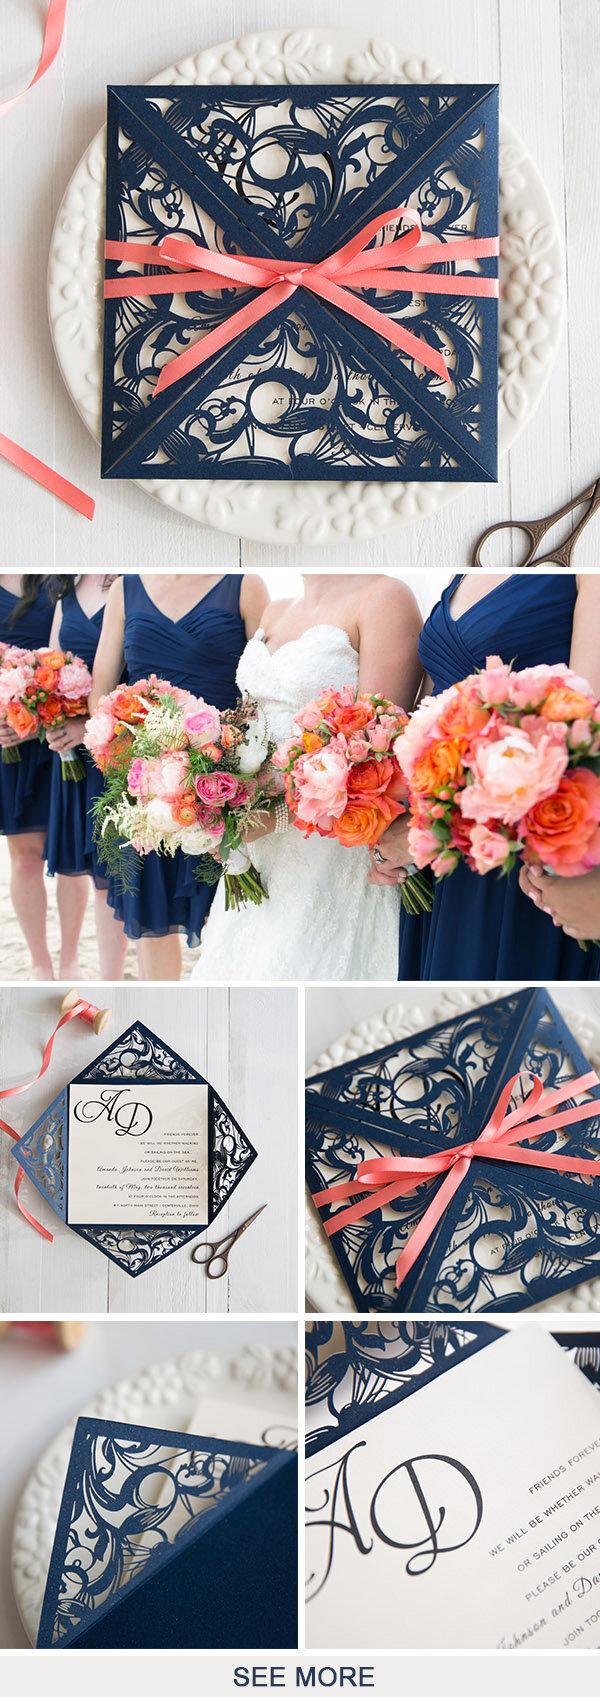 Sự kết hợp giữa tone màu xanh navy và hồng trông rất tươi sáng và rực rỡ